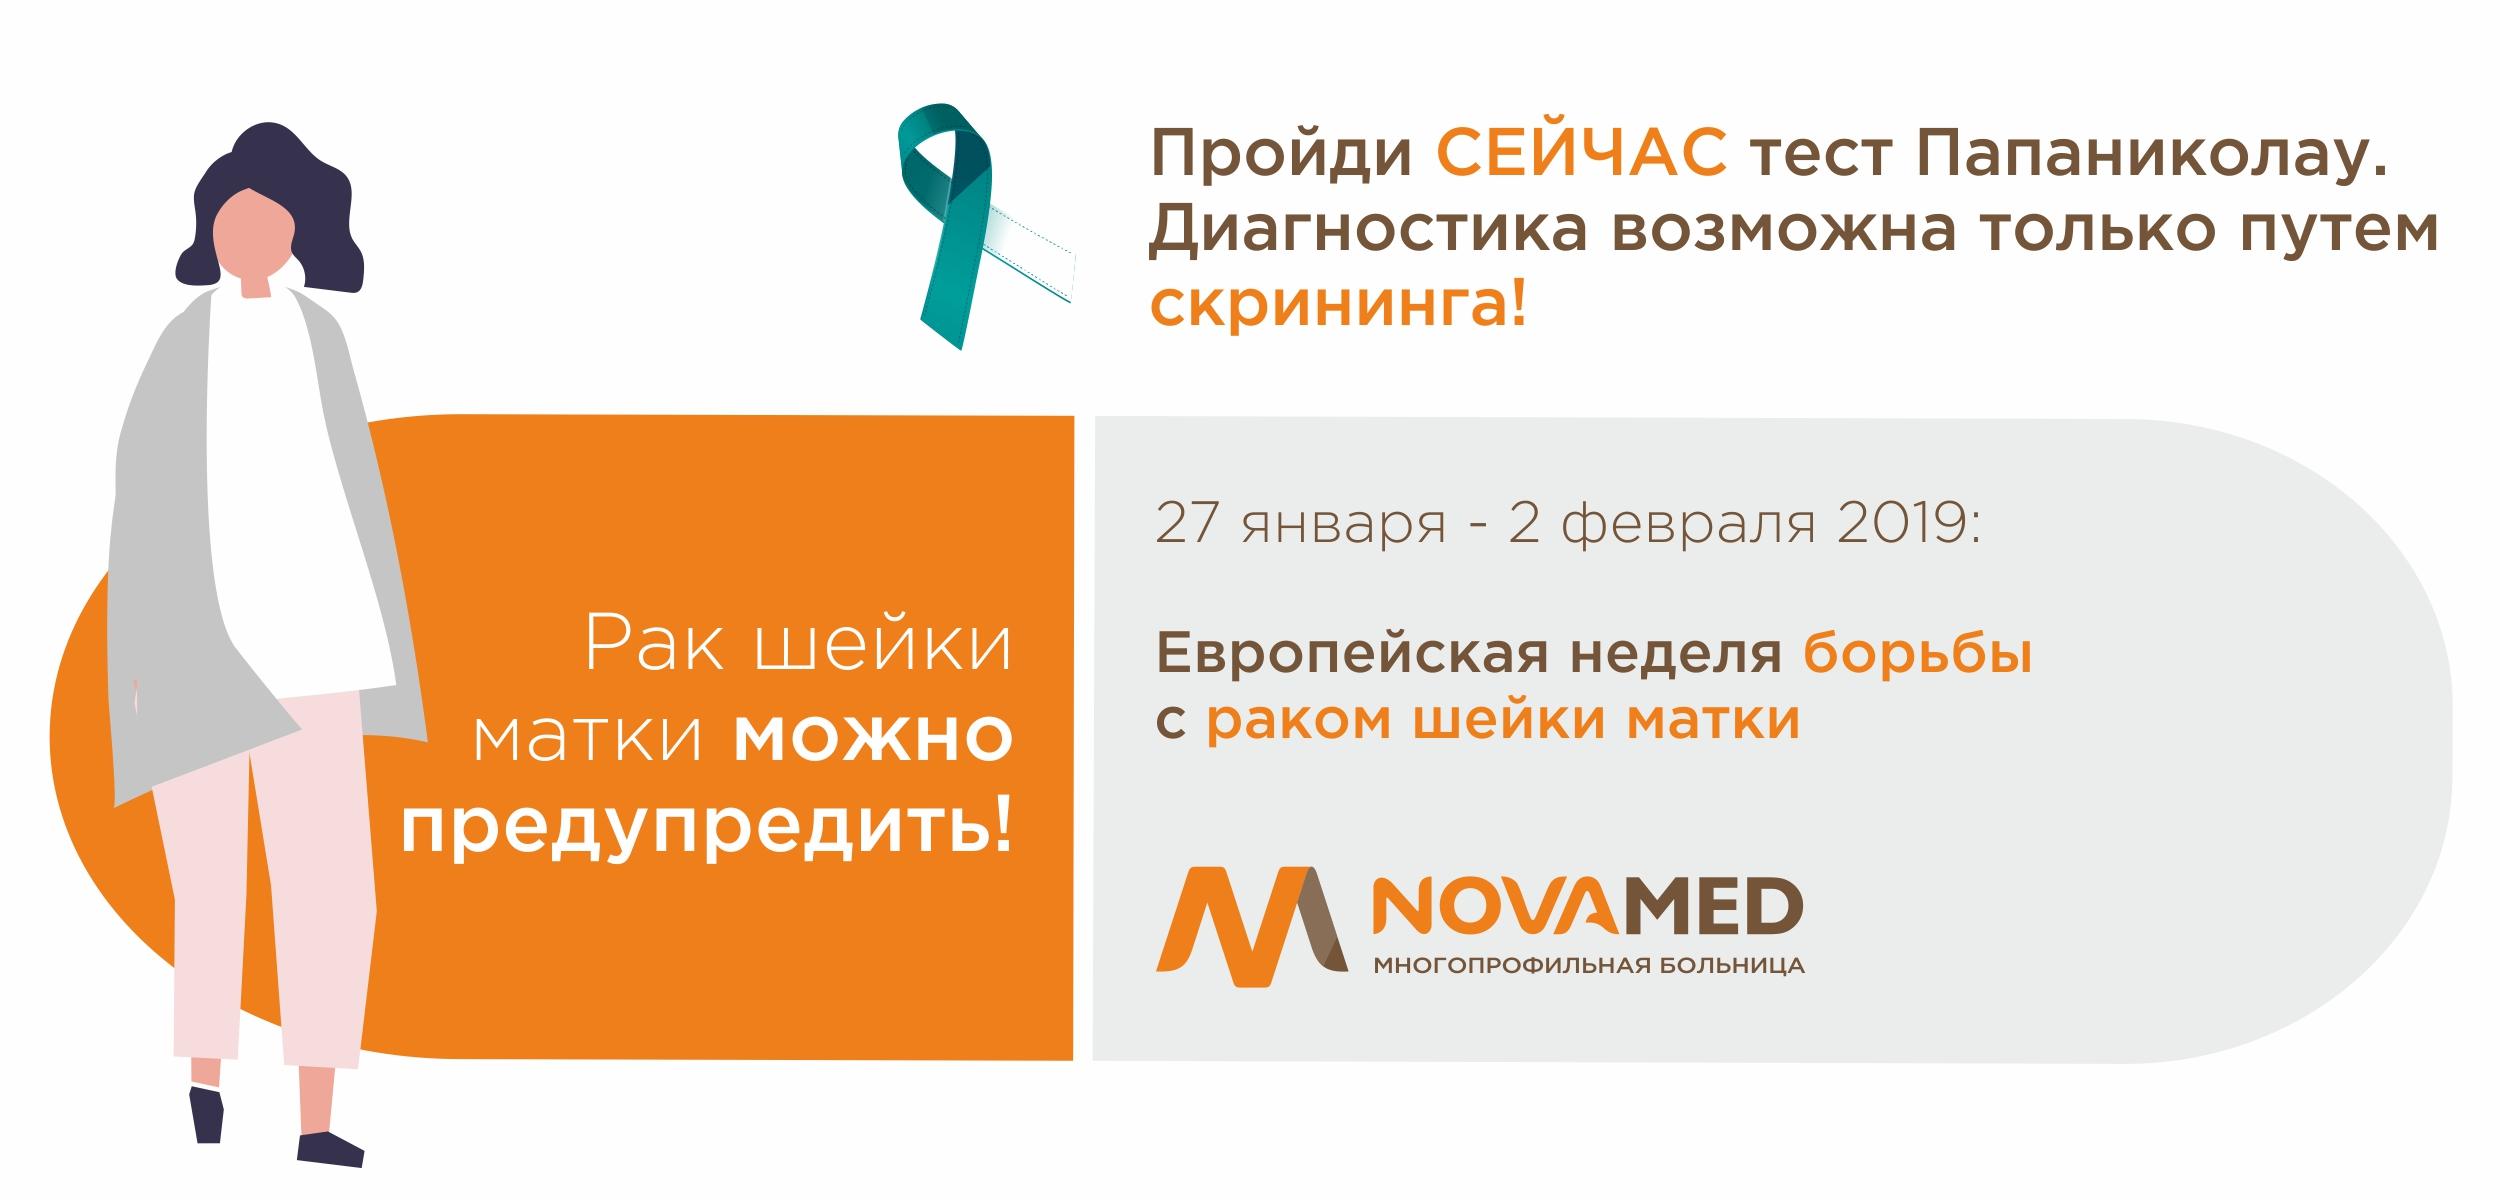 Novamed: скрининг шейки матки